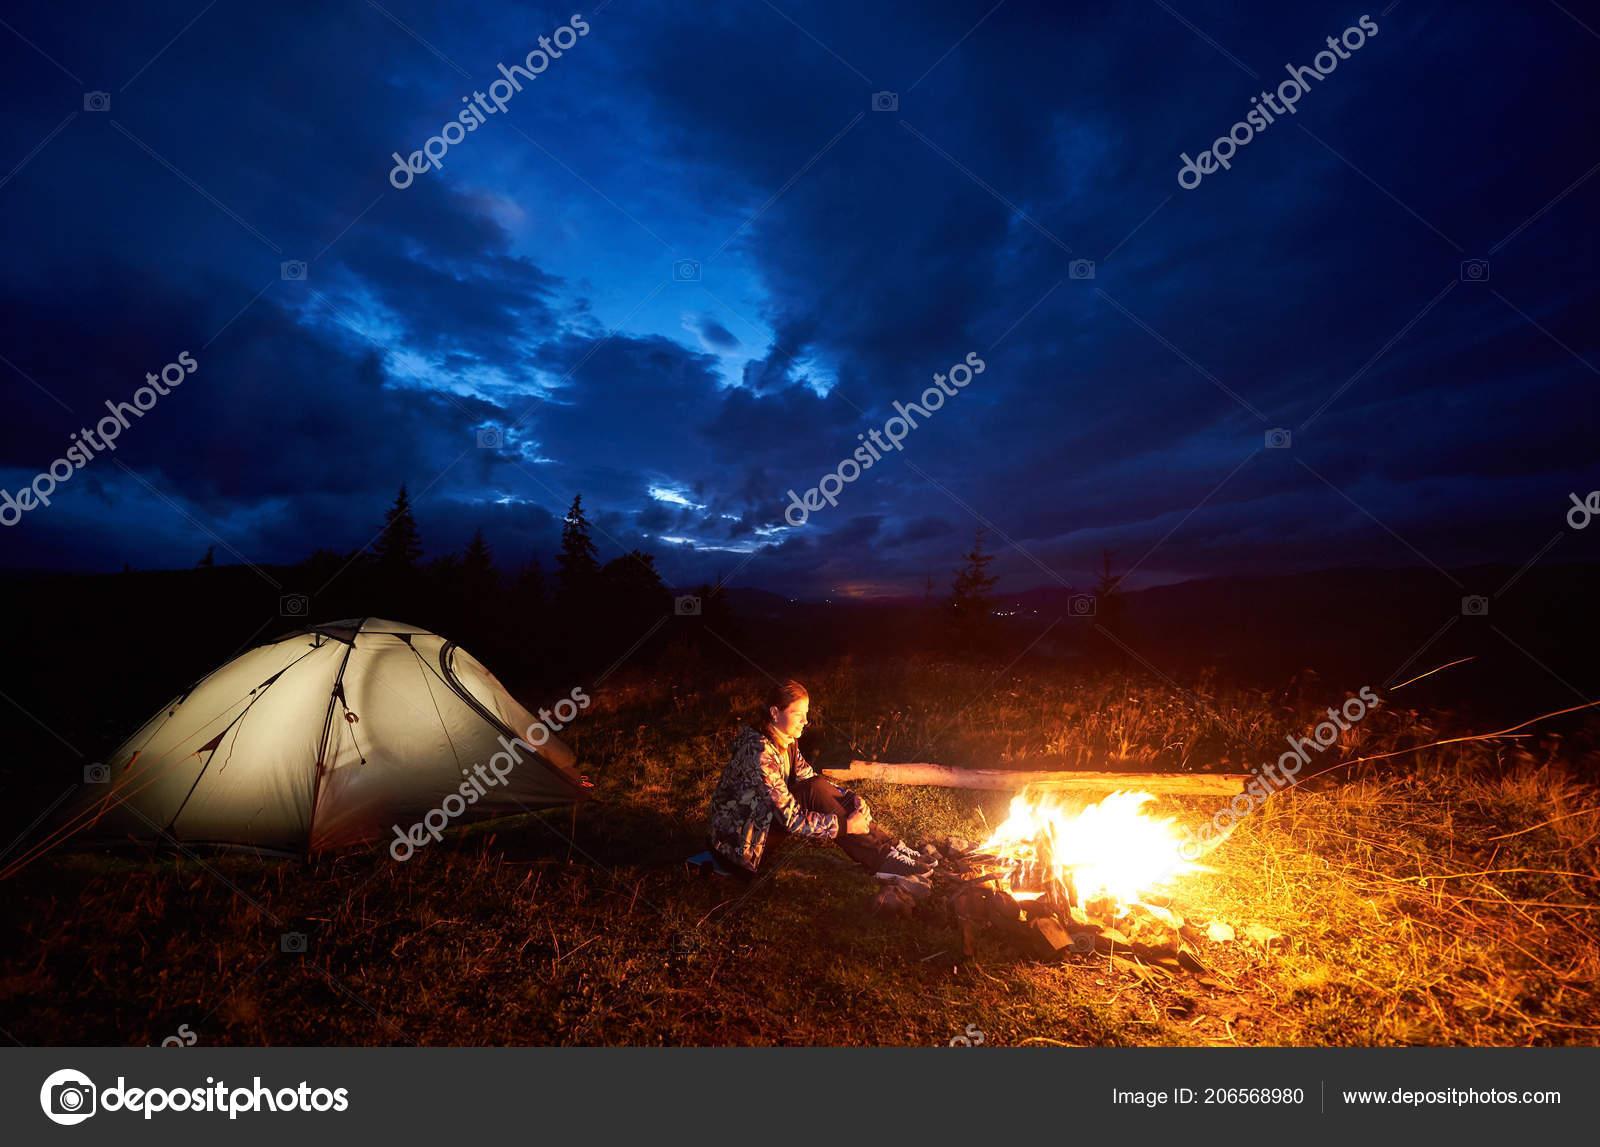 интернет ретро фото лампово костер палатка можно насладиться фотографиями